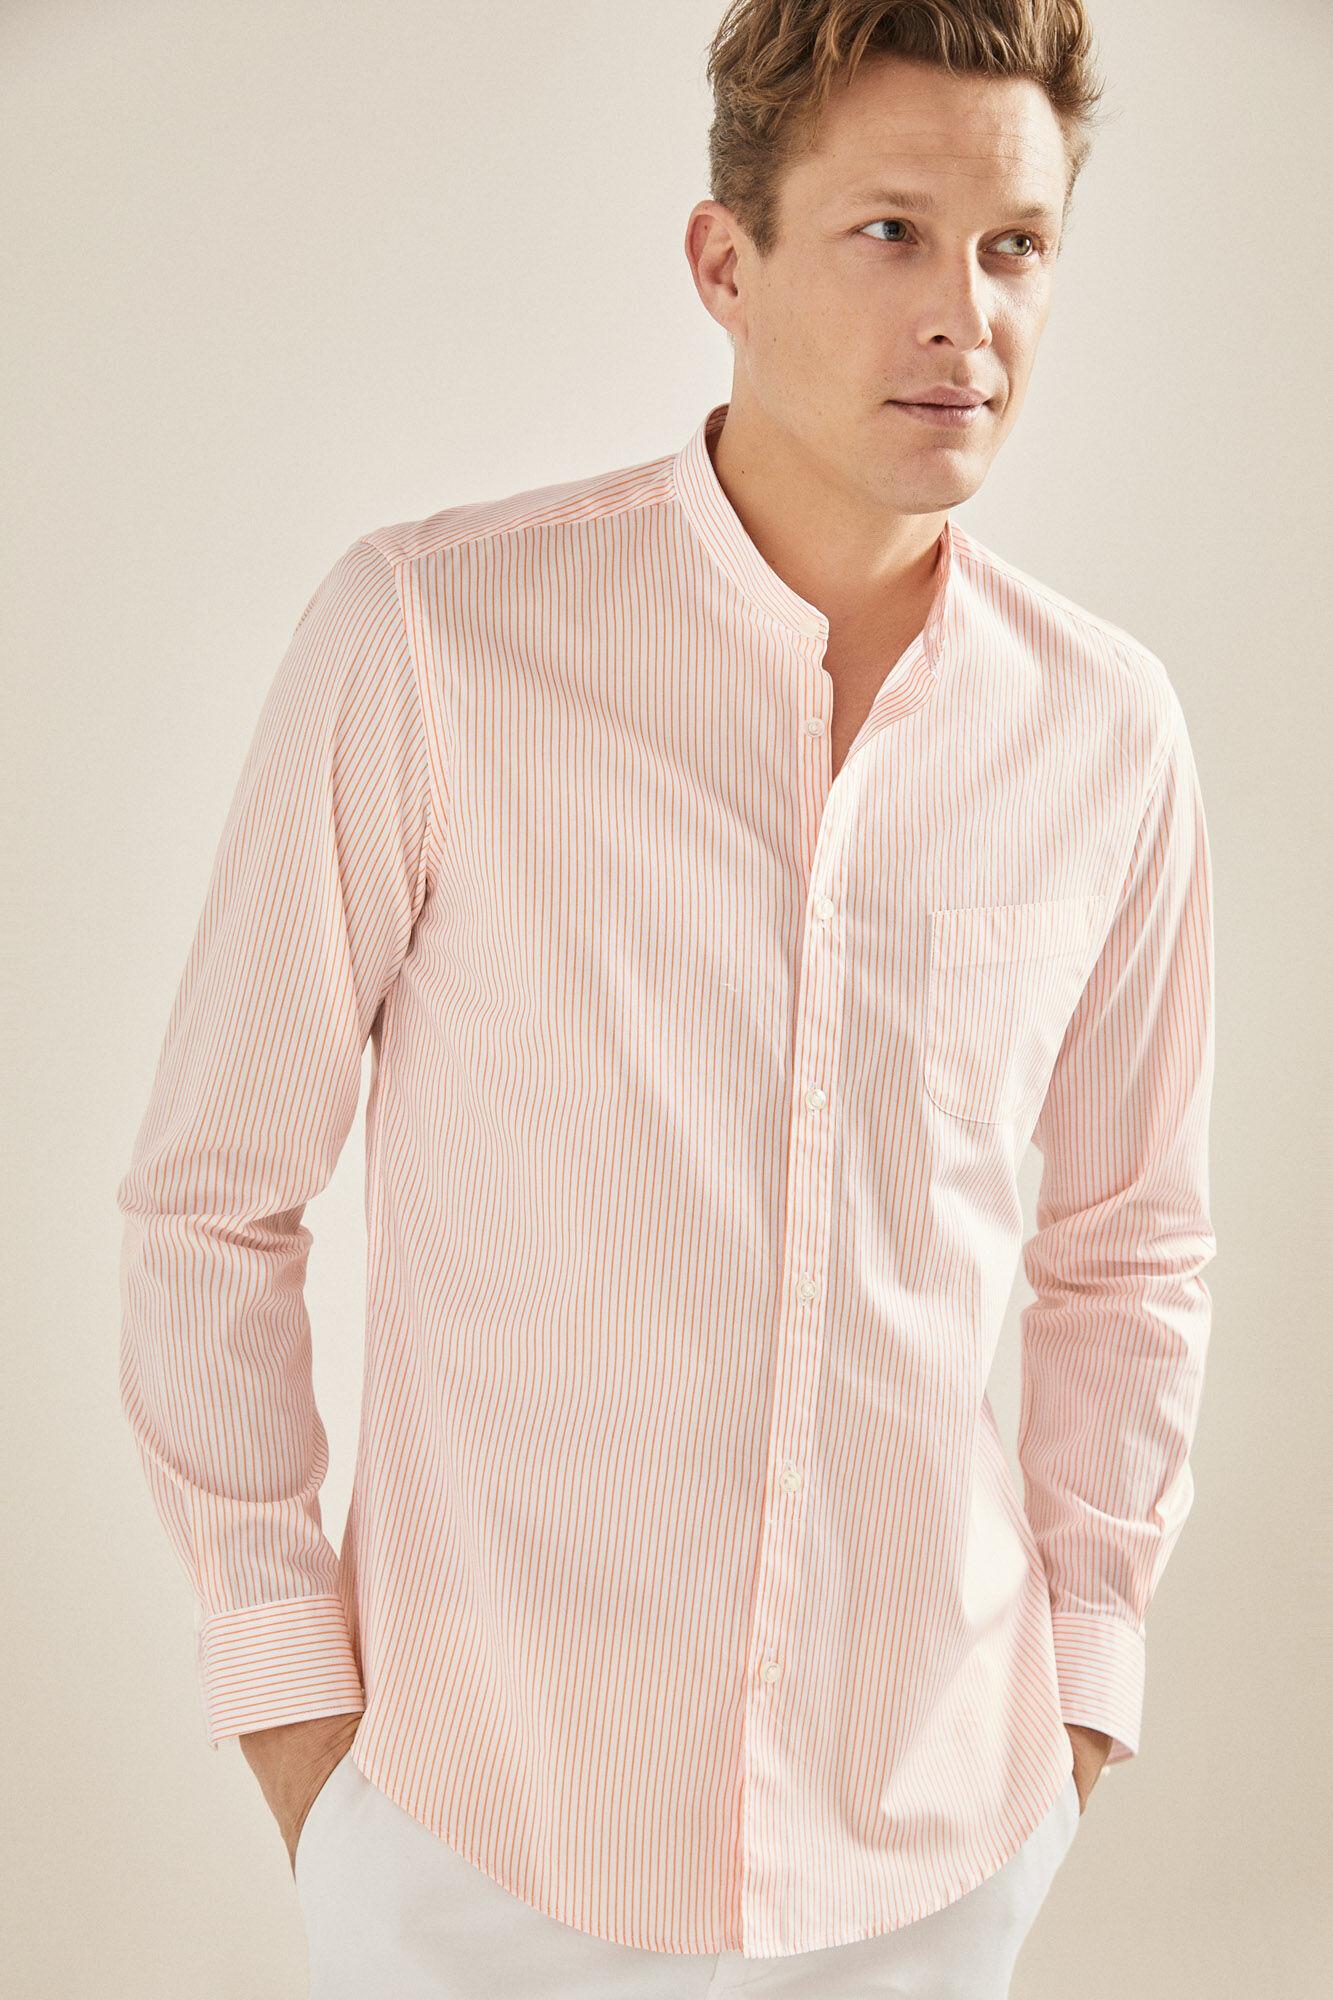 dd33ff1fec Striped shirt with Mandarin collar | Shirts | Cortefiel Man & Woman